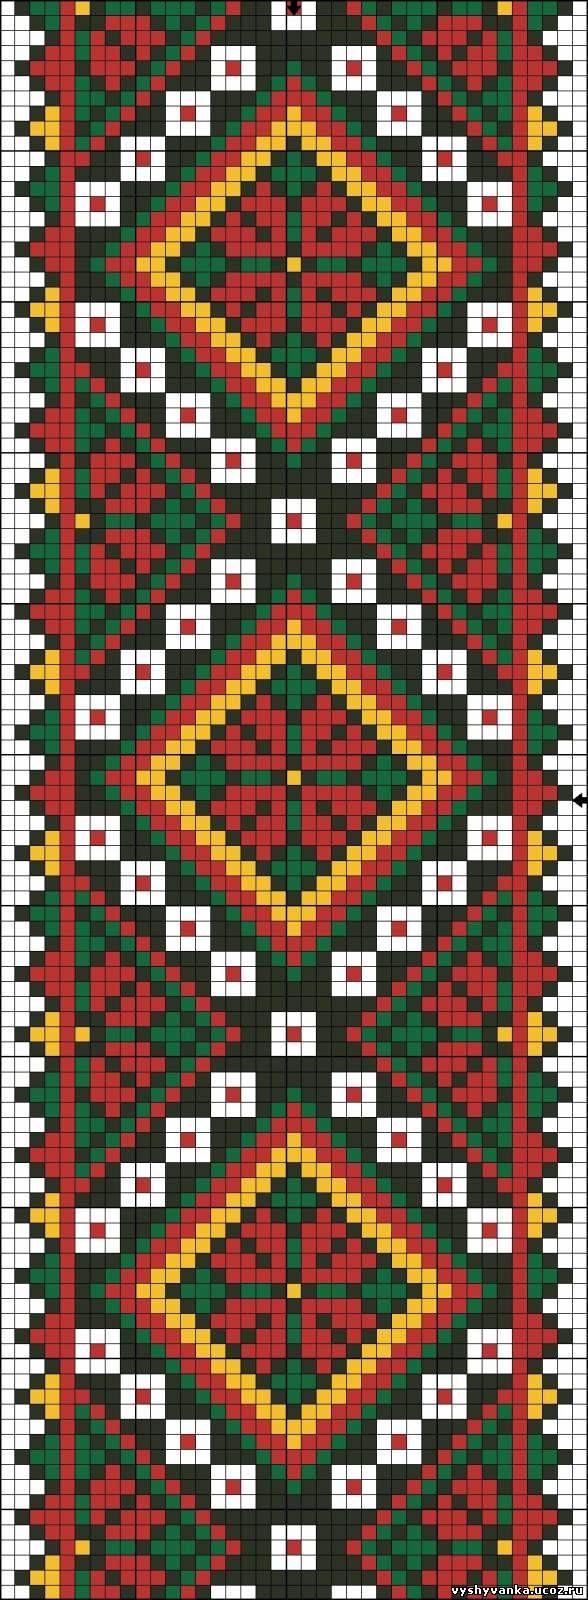 вышиванка орнамент - Поиск в Google